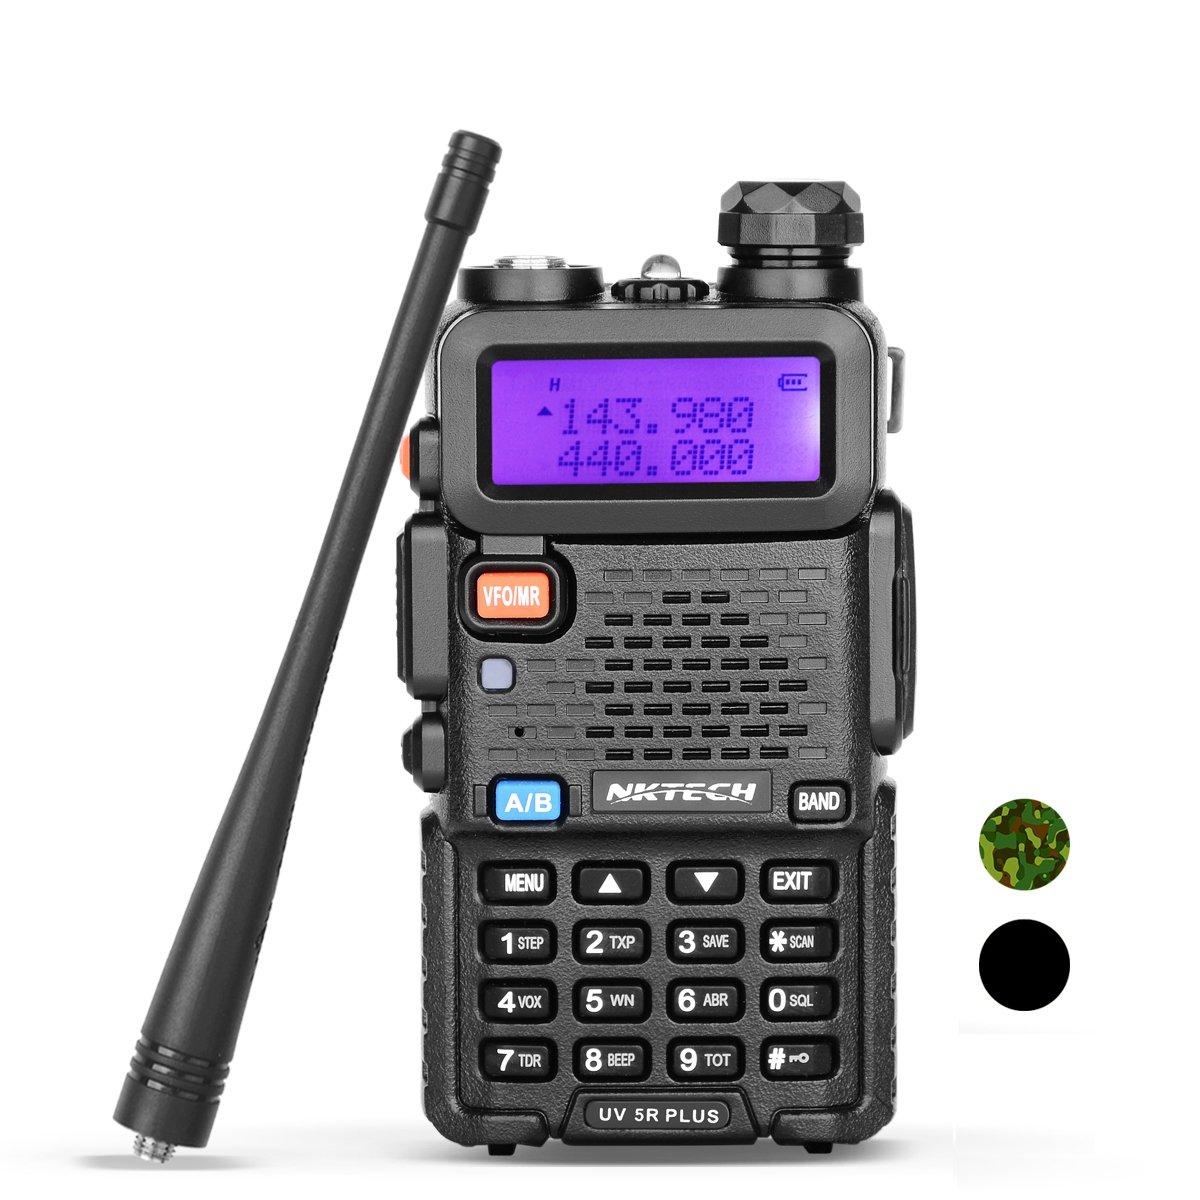 NKTECH UV-5R Plus VHF UHF Tri-Power High Mid Low 8W 4W 1W Dual Band 136-174/400-520MHz PTT FM Two Way Radio Ham Transceiver Walkie Talkie Free Earpiece Warranty